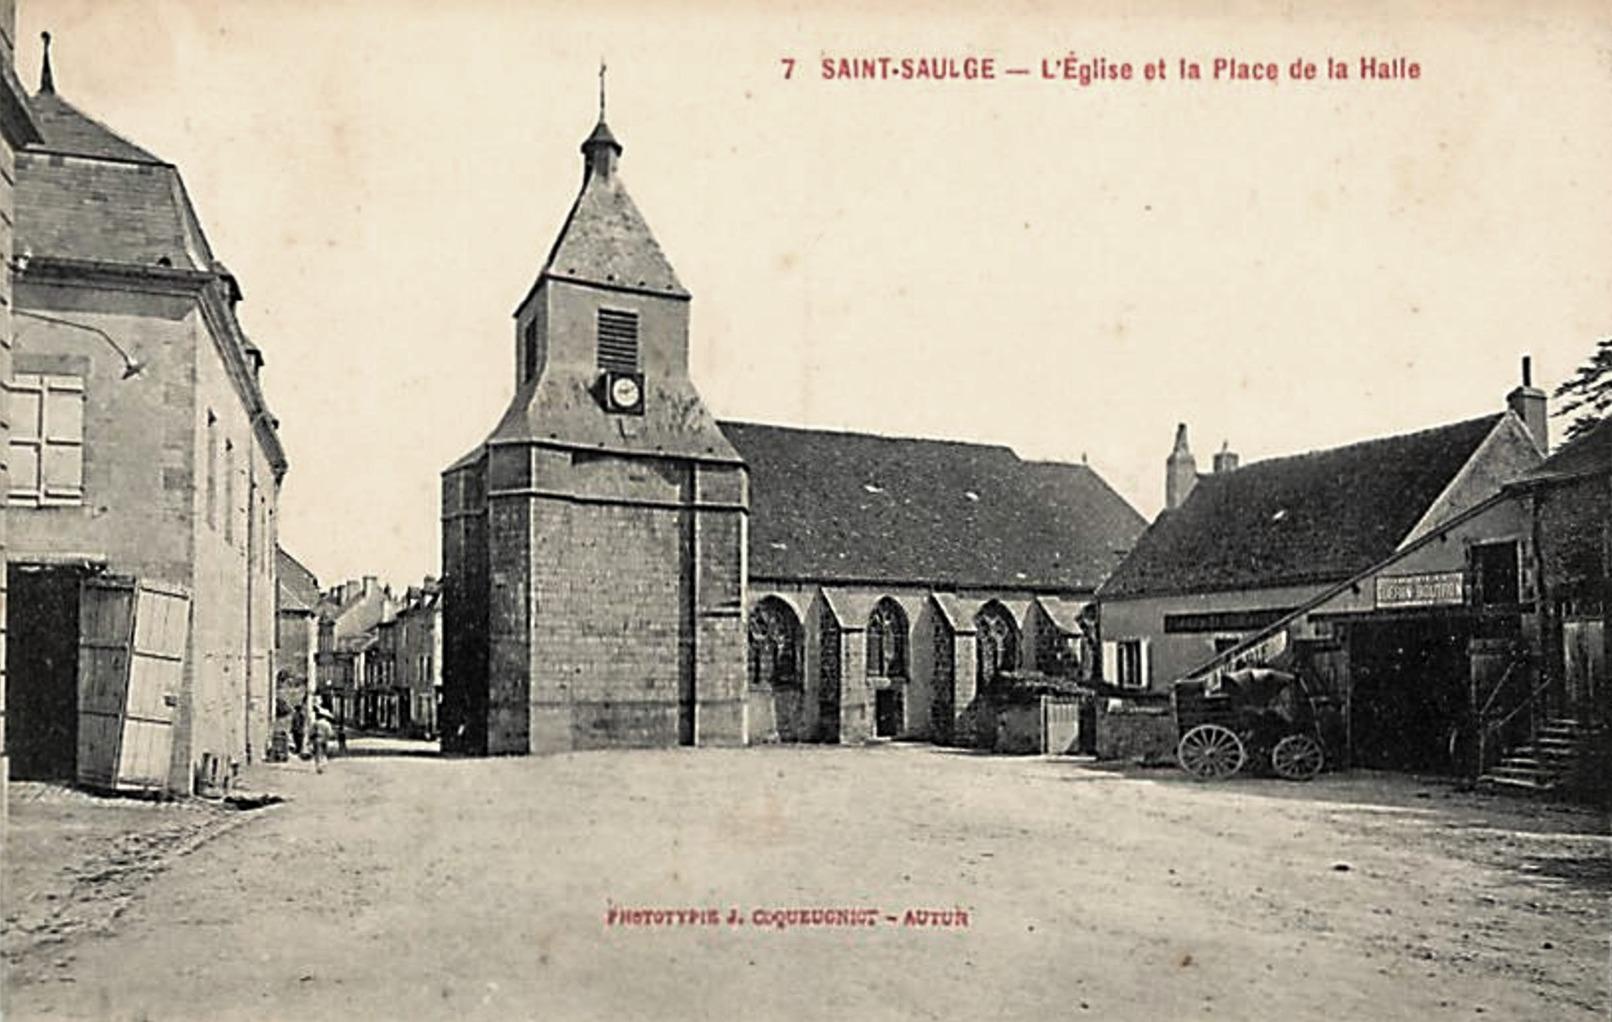 Saint-Saulge (Nièvre) La place de la Halle CPA